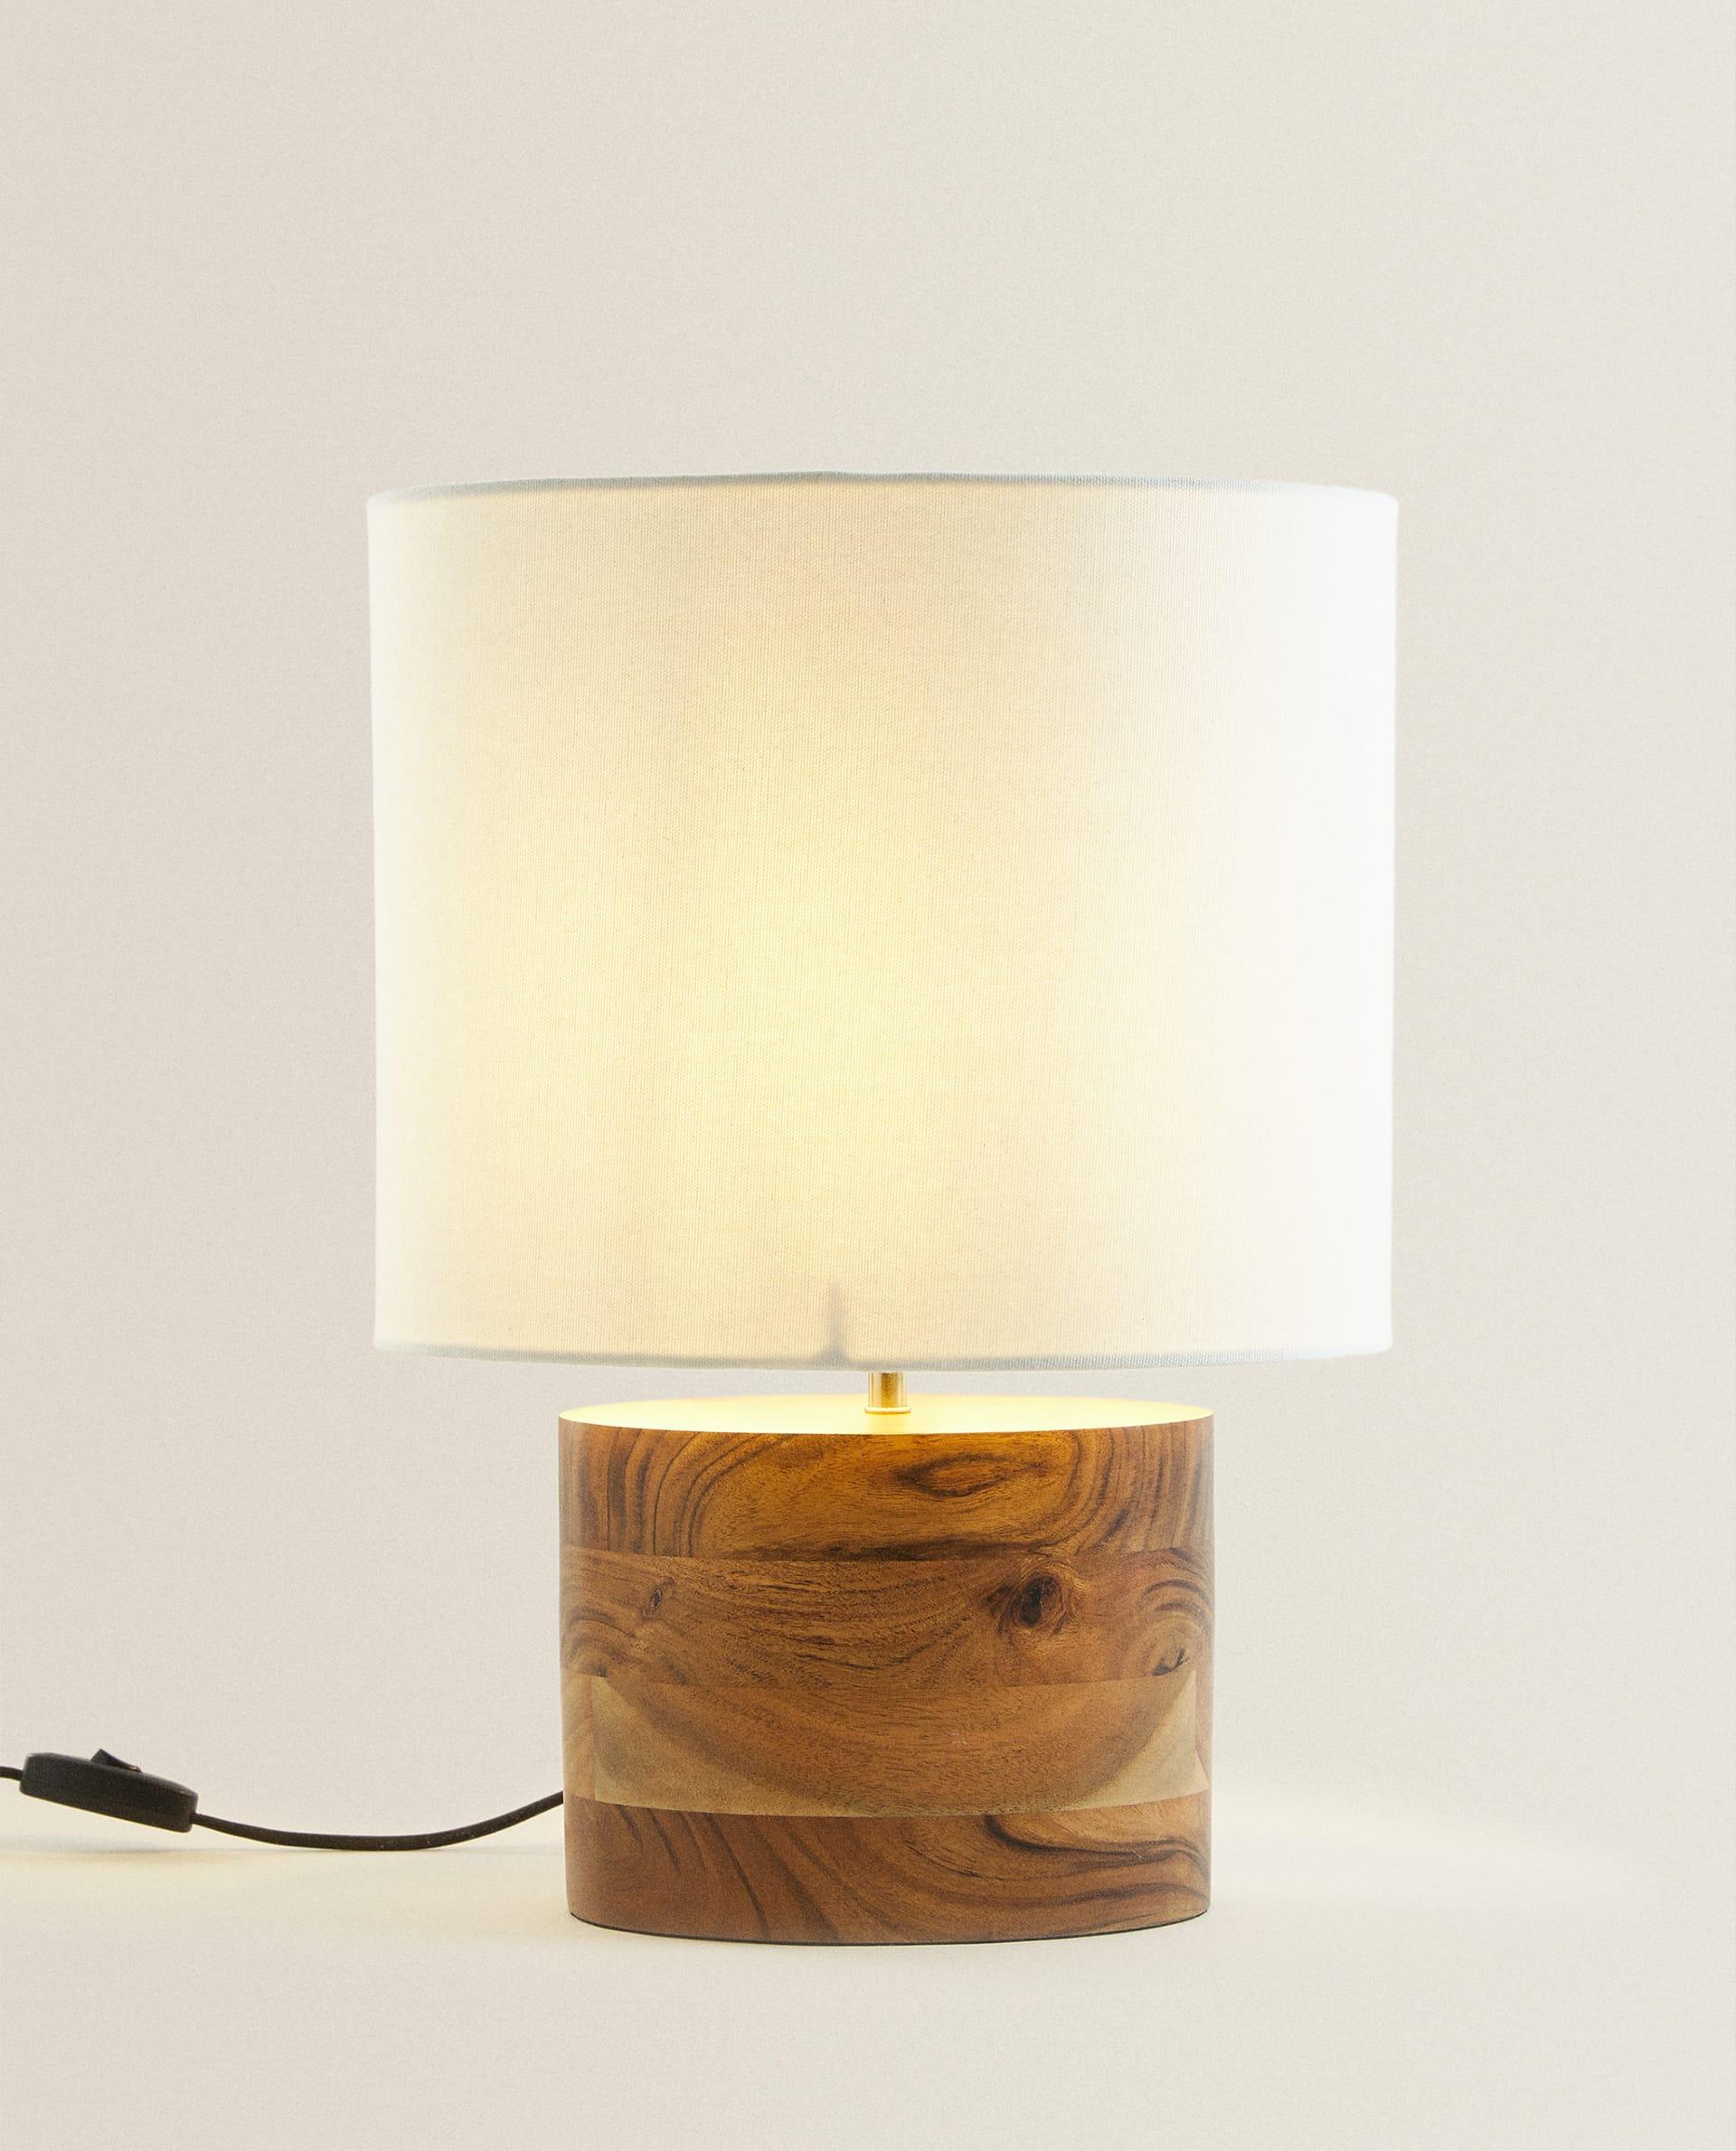 Full Size of Ikea Tischlampe Wohnzimmer Led Amazon Lampe Modern Designer Tischlampen Dimmbar Ebay Holz Timit Holzfuss Lampen Und Beleuchtung Relaxliege Wandtattoo Deko Wohnzimmer Wohnzimmer Tischlampe